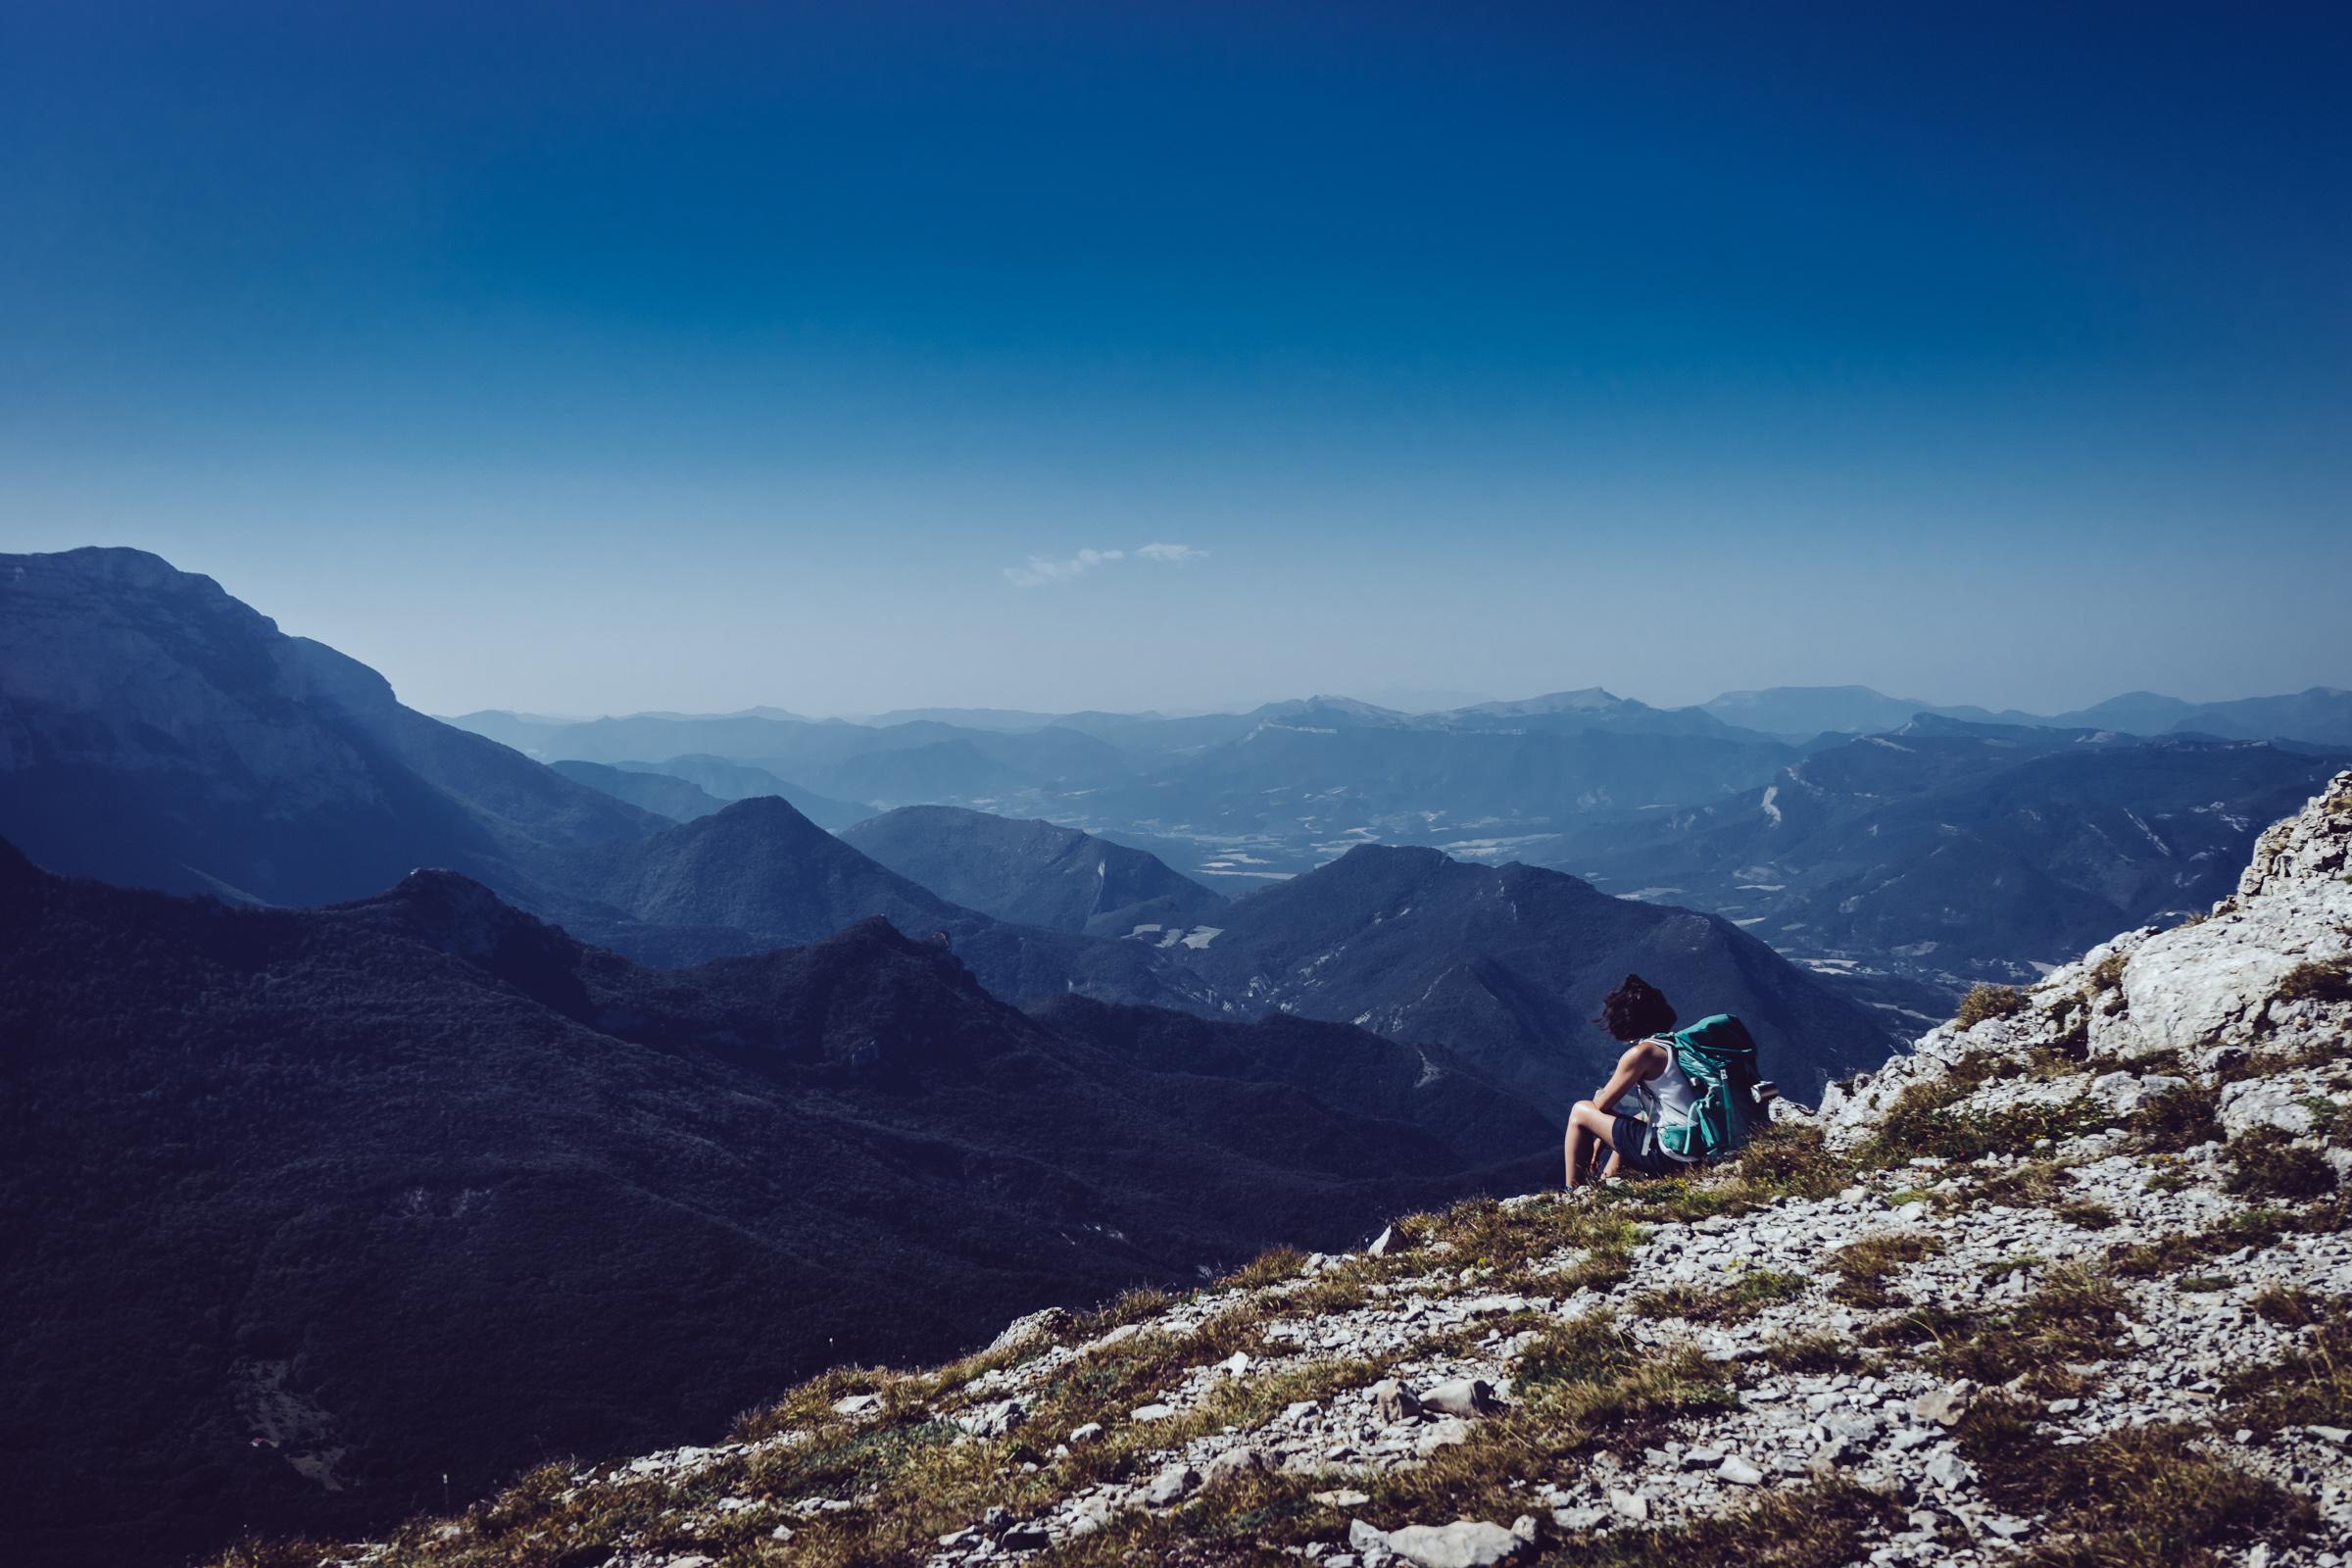 Randonnée sur les hauts plateaux du Vercors - Paysage